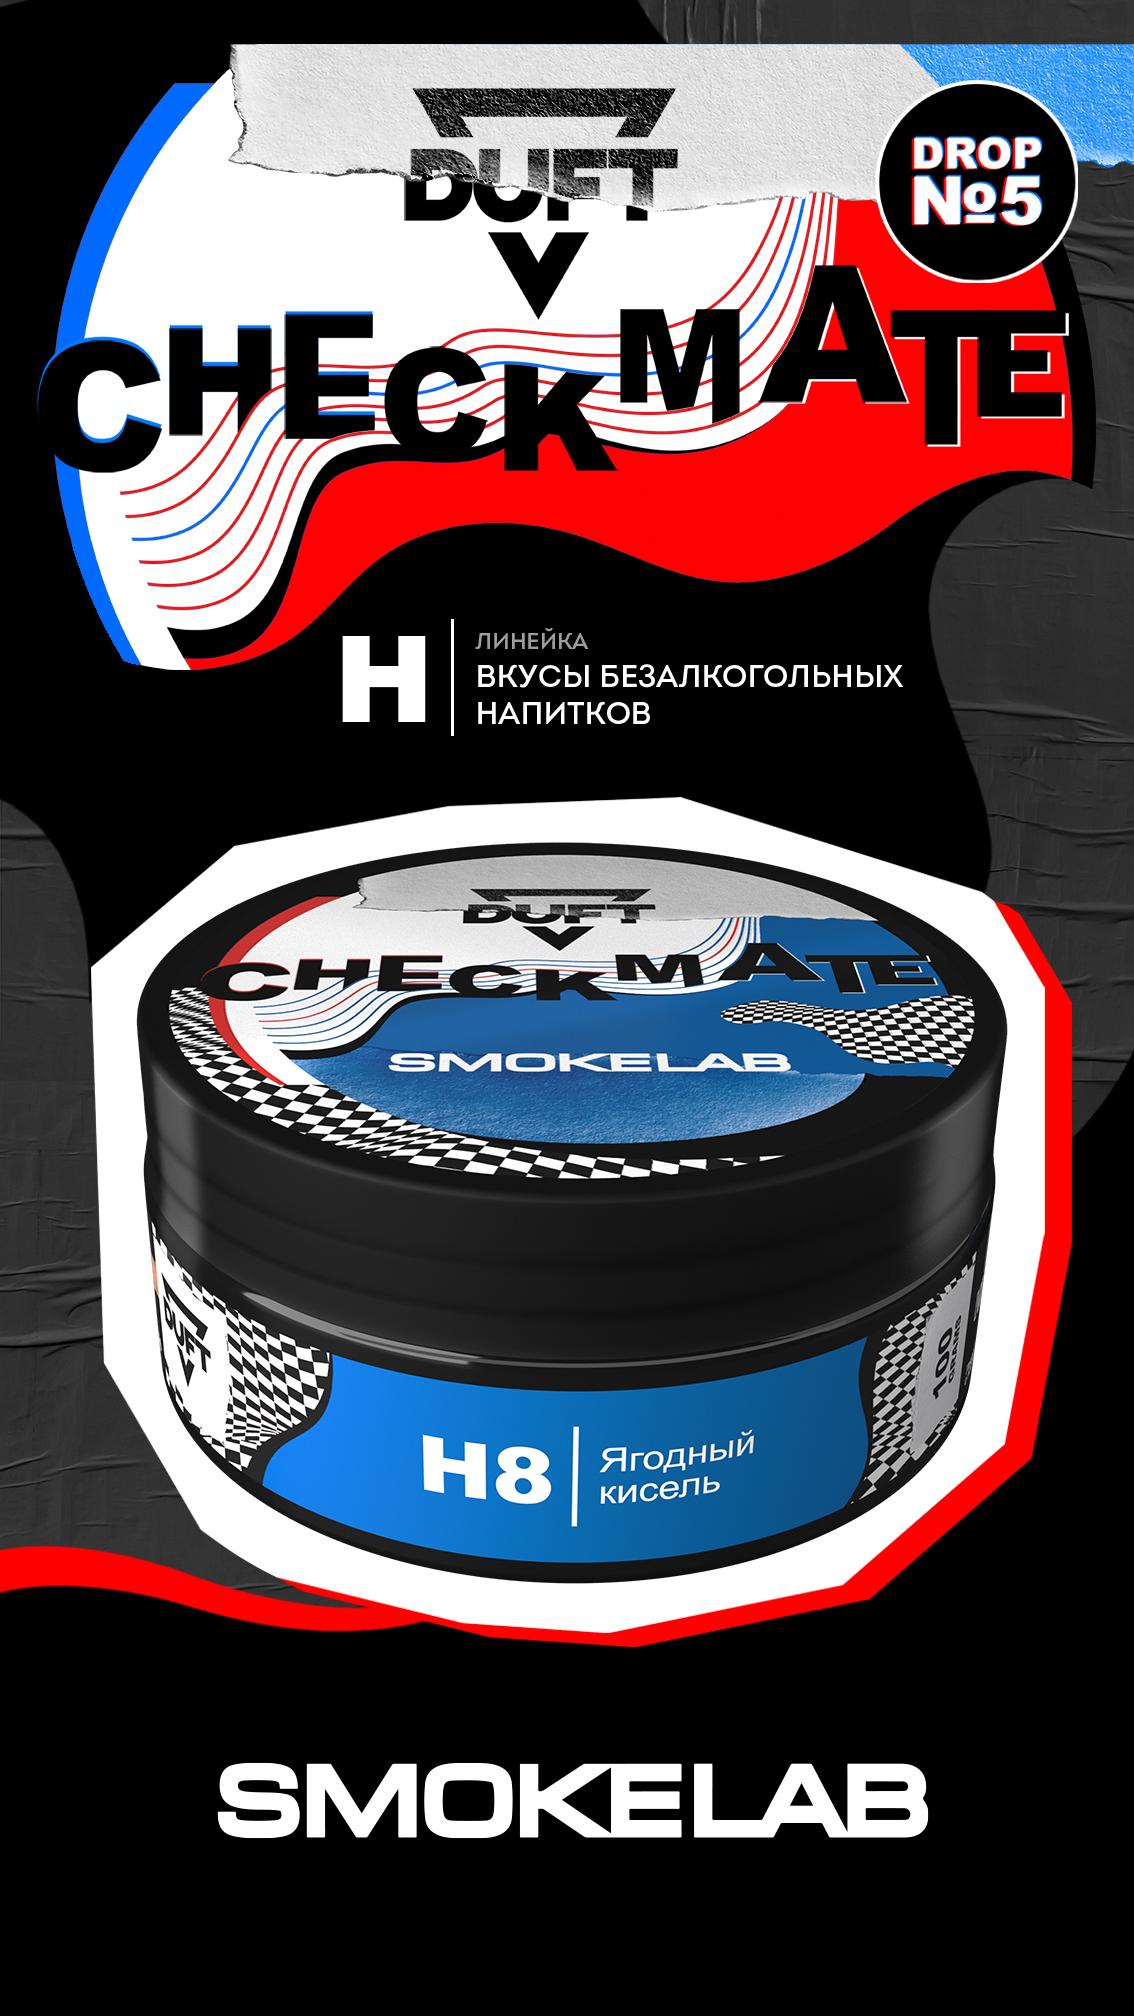 H8 Ягодный кисель